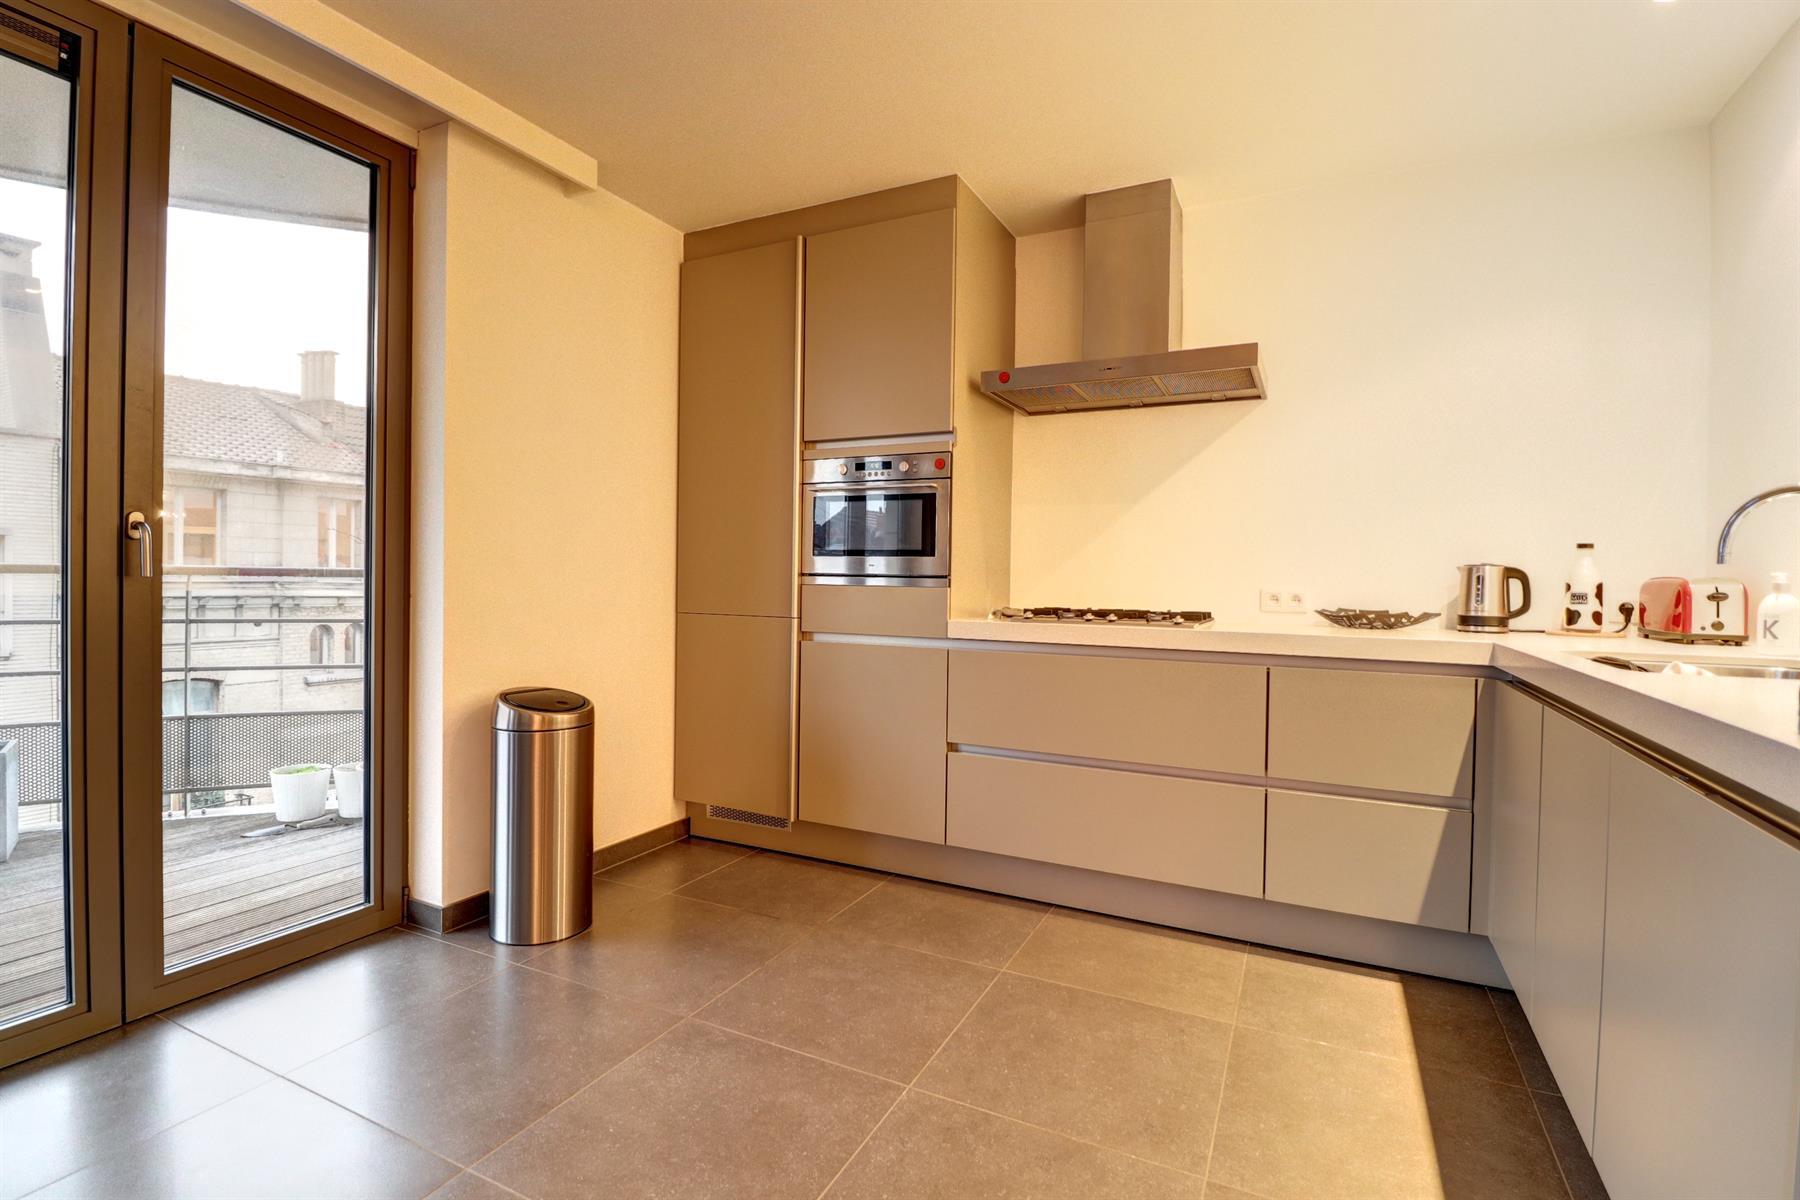 Flat - Ixelles - #4225896-13